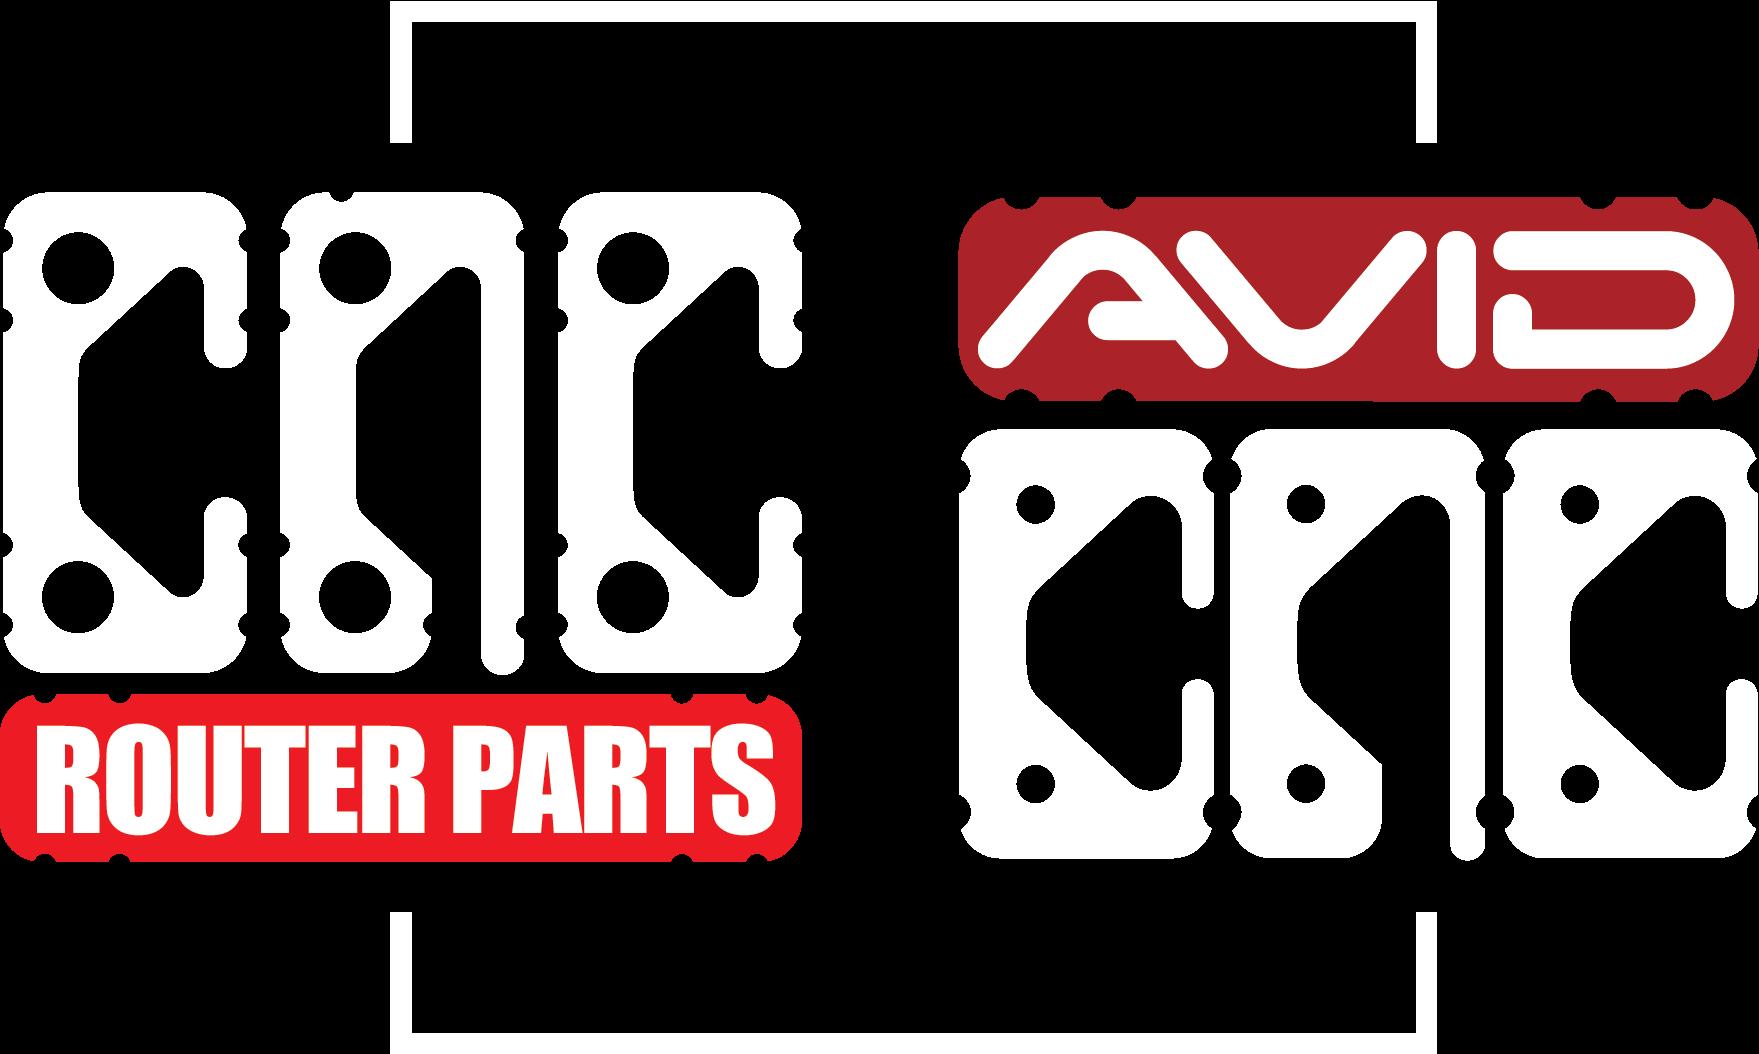 Avid CNC   CNC Router Parts